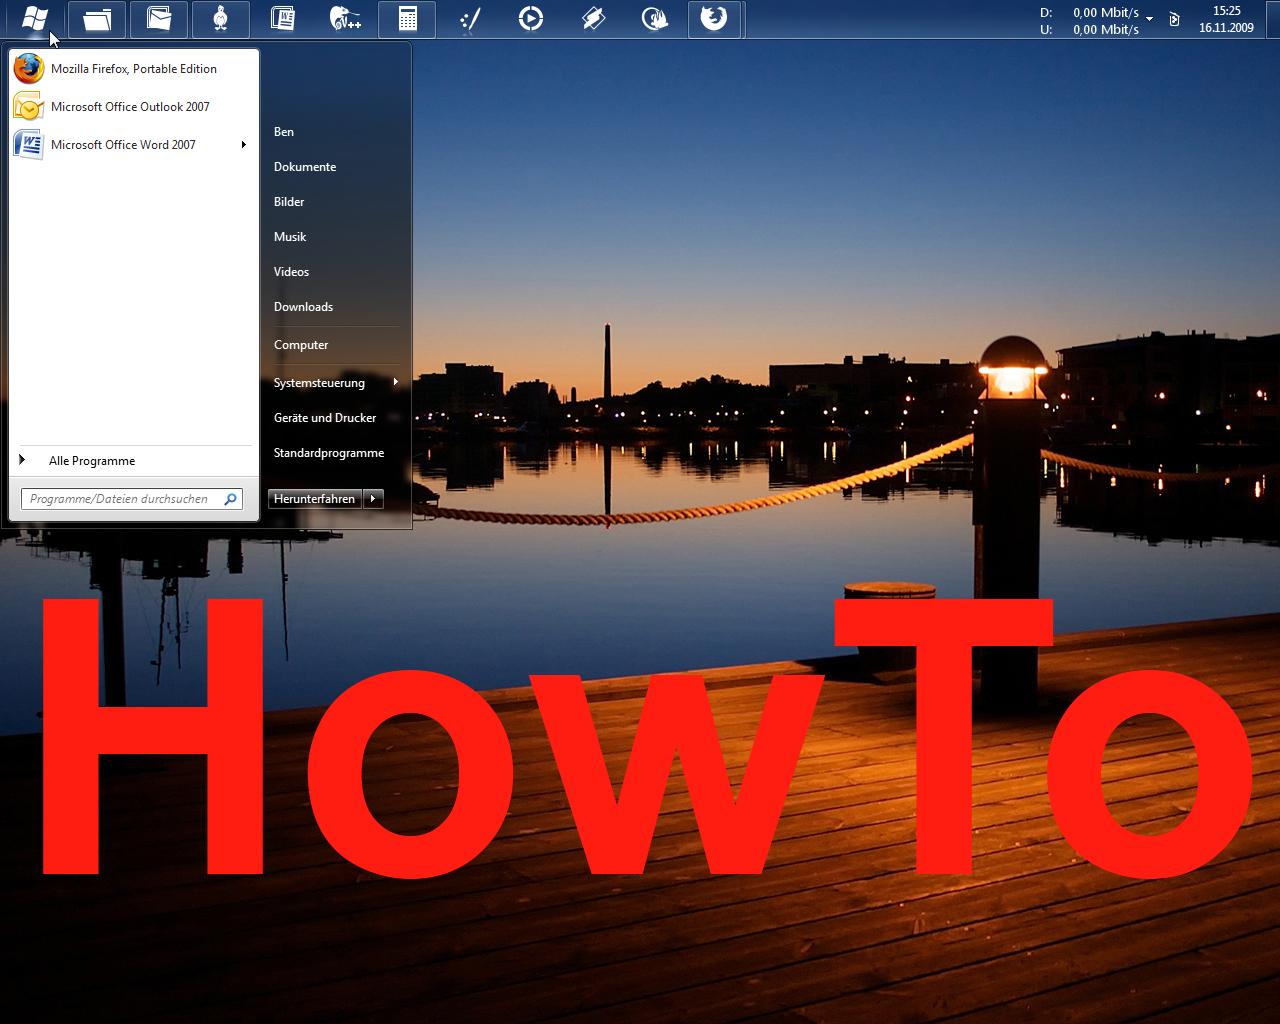 Windows 7 Start Button nopatch by big-ben191